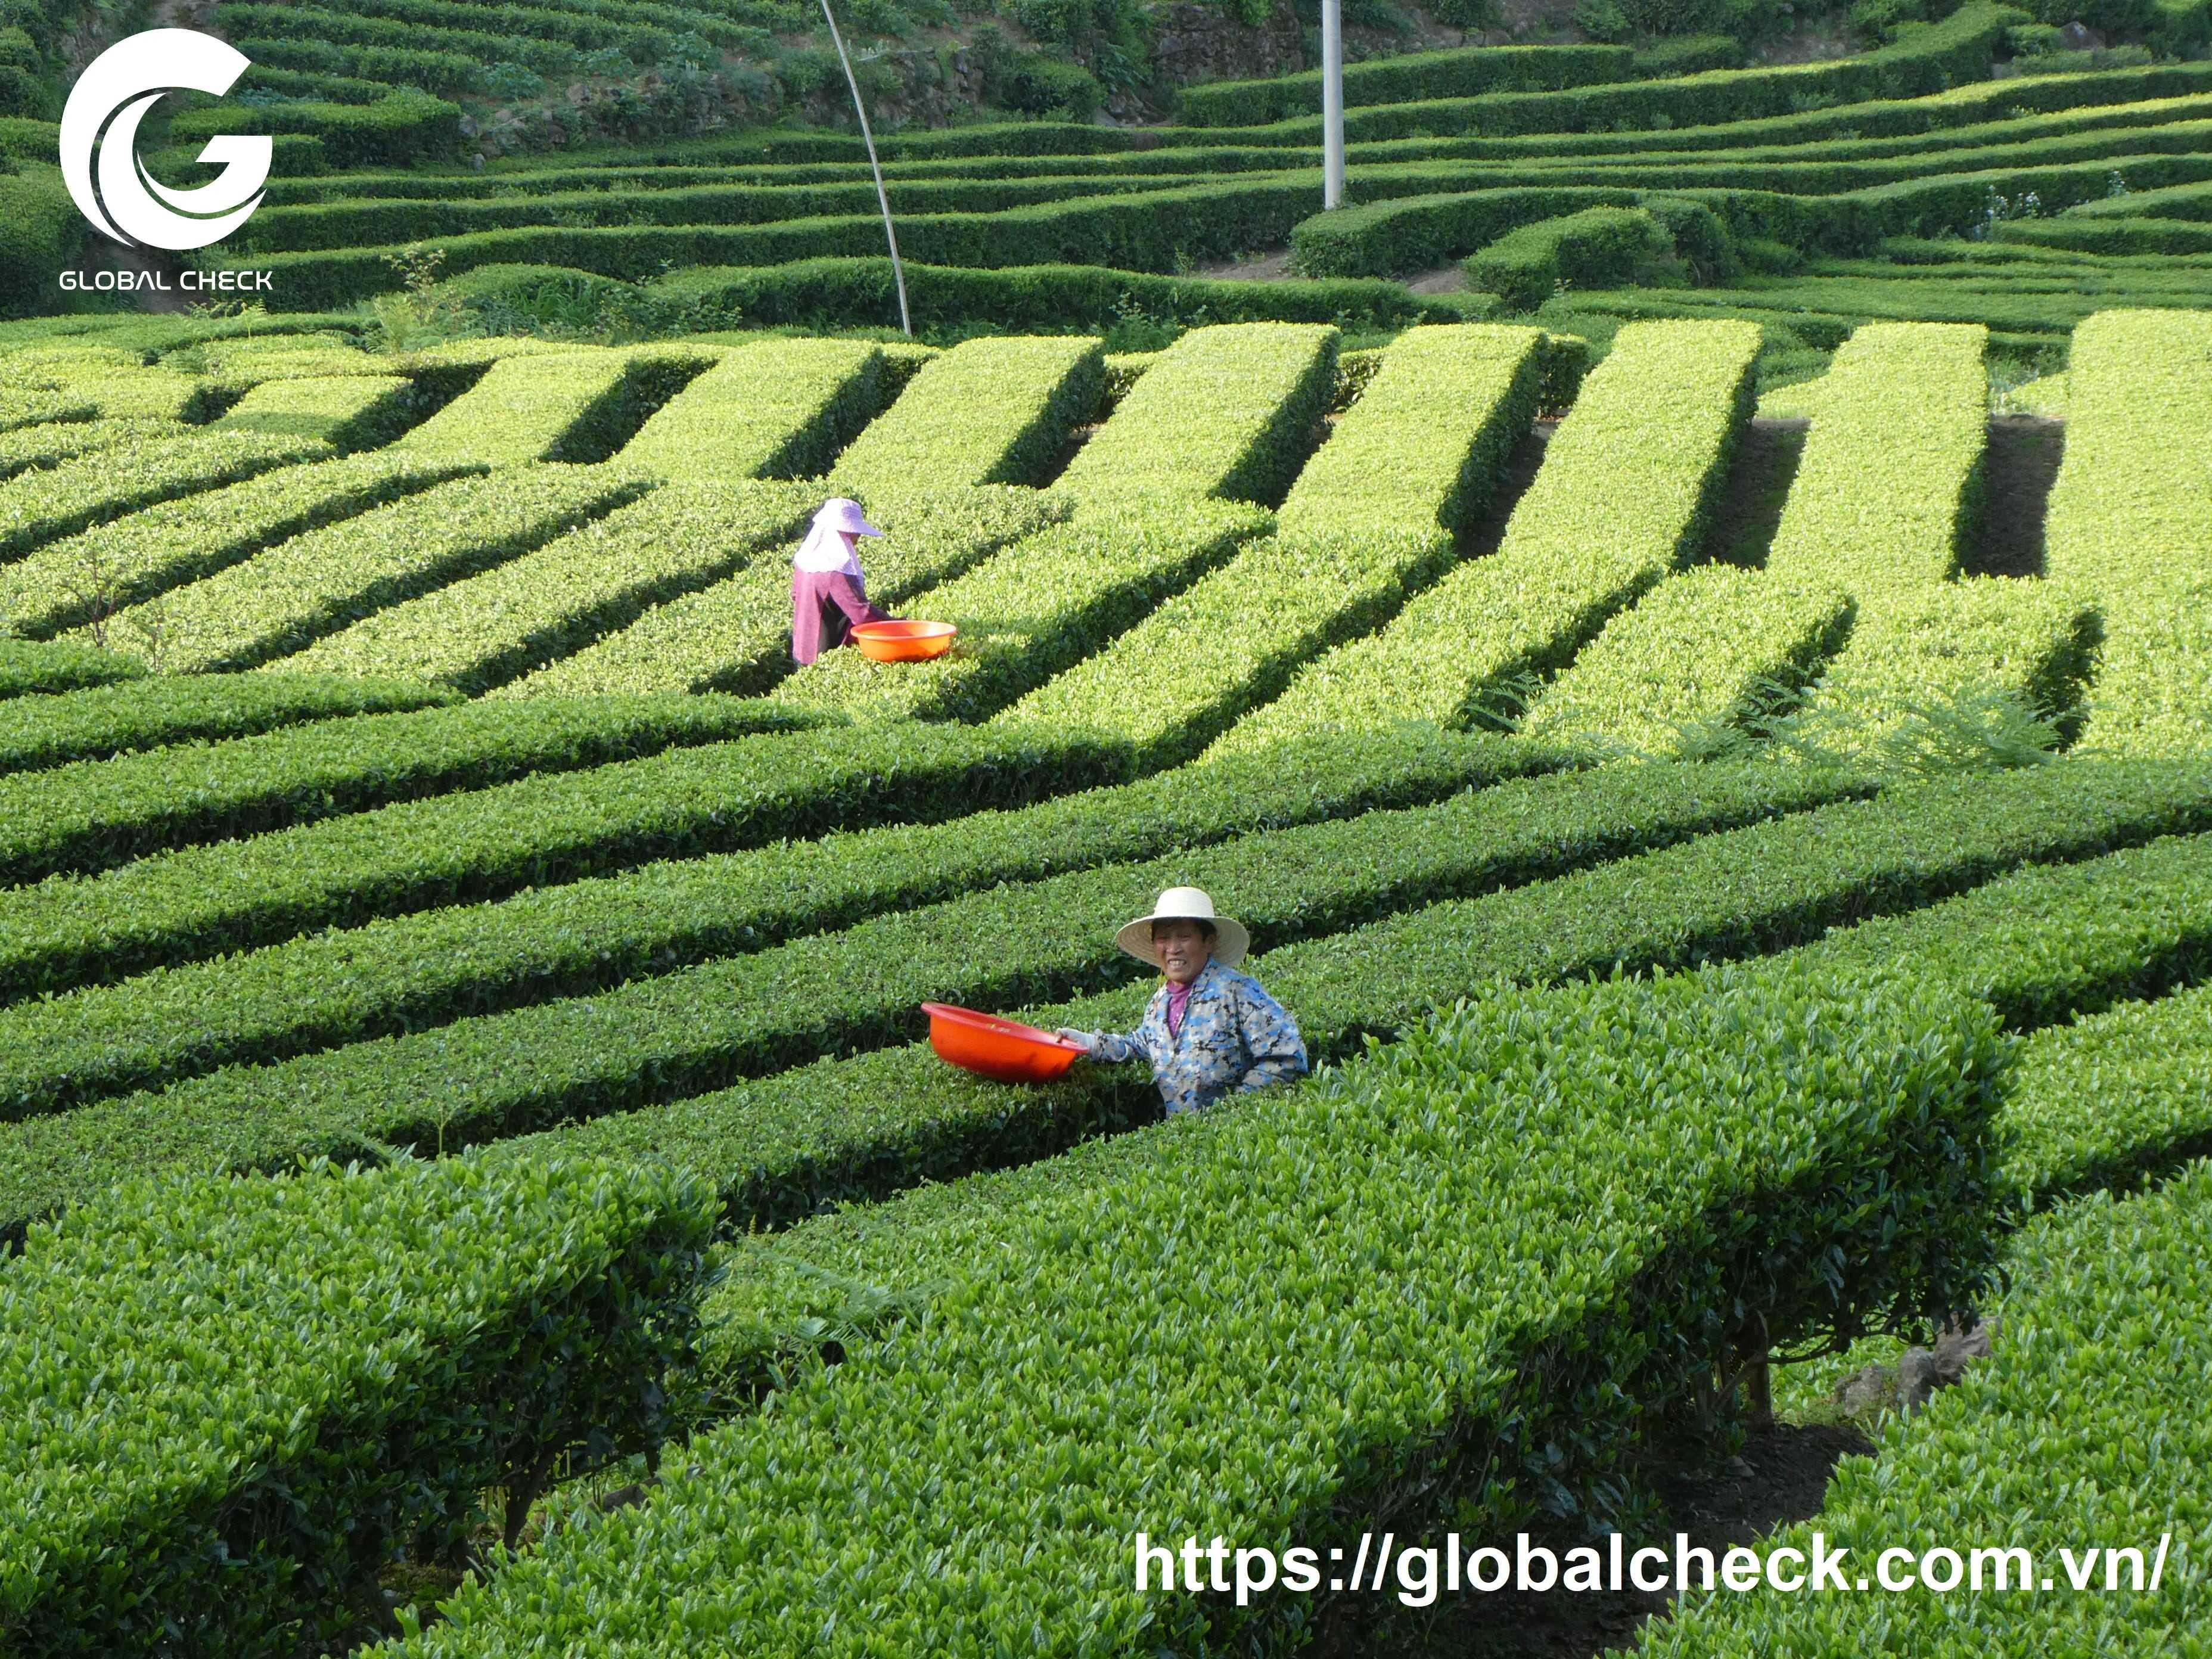 nông nghiệp trung quốc